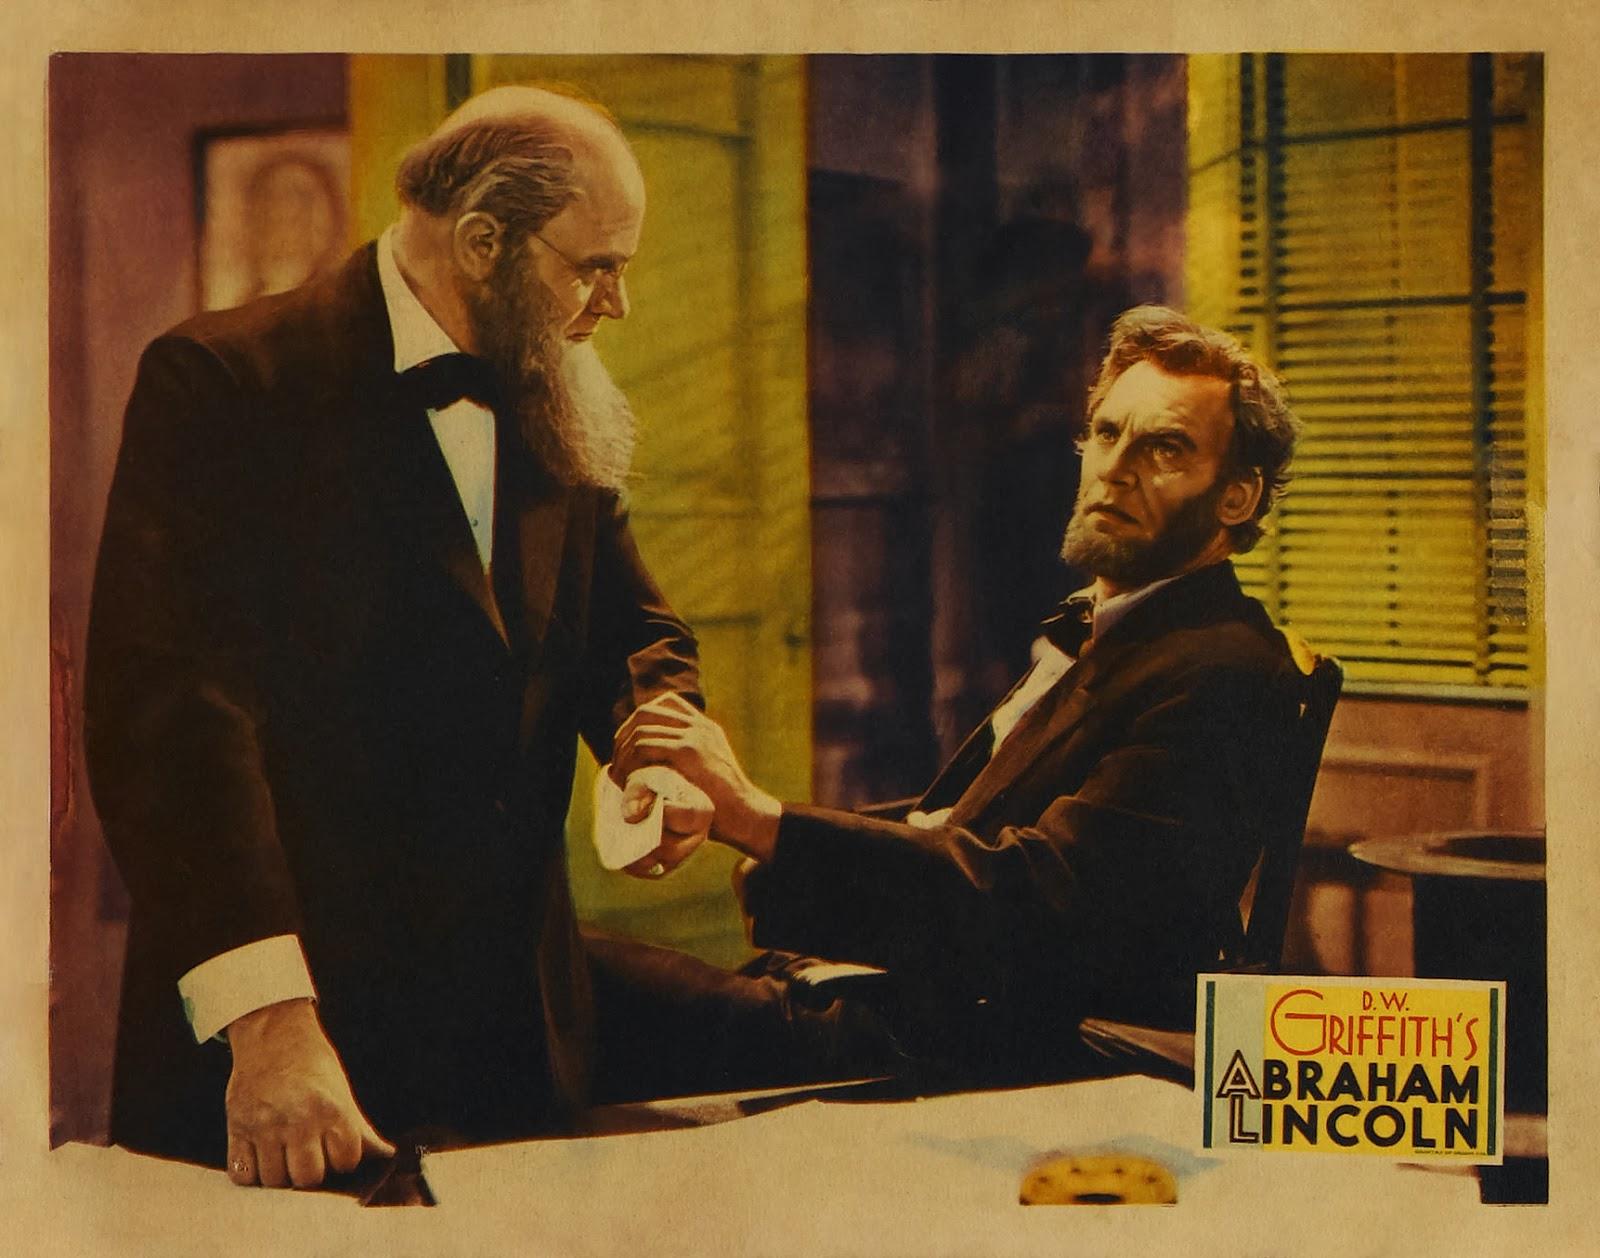 Sinopsis La primera película hablada del maestro D.W. Griffith hace un repaso a la vida del famoso presidente norteamericano. (FILMAFFINITY)